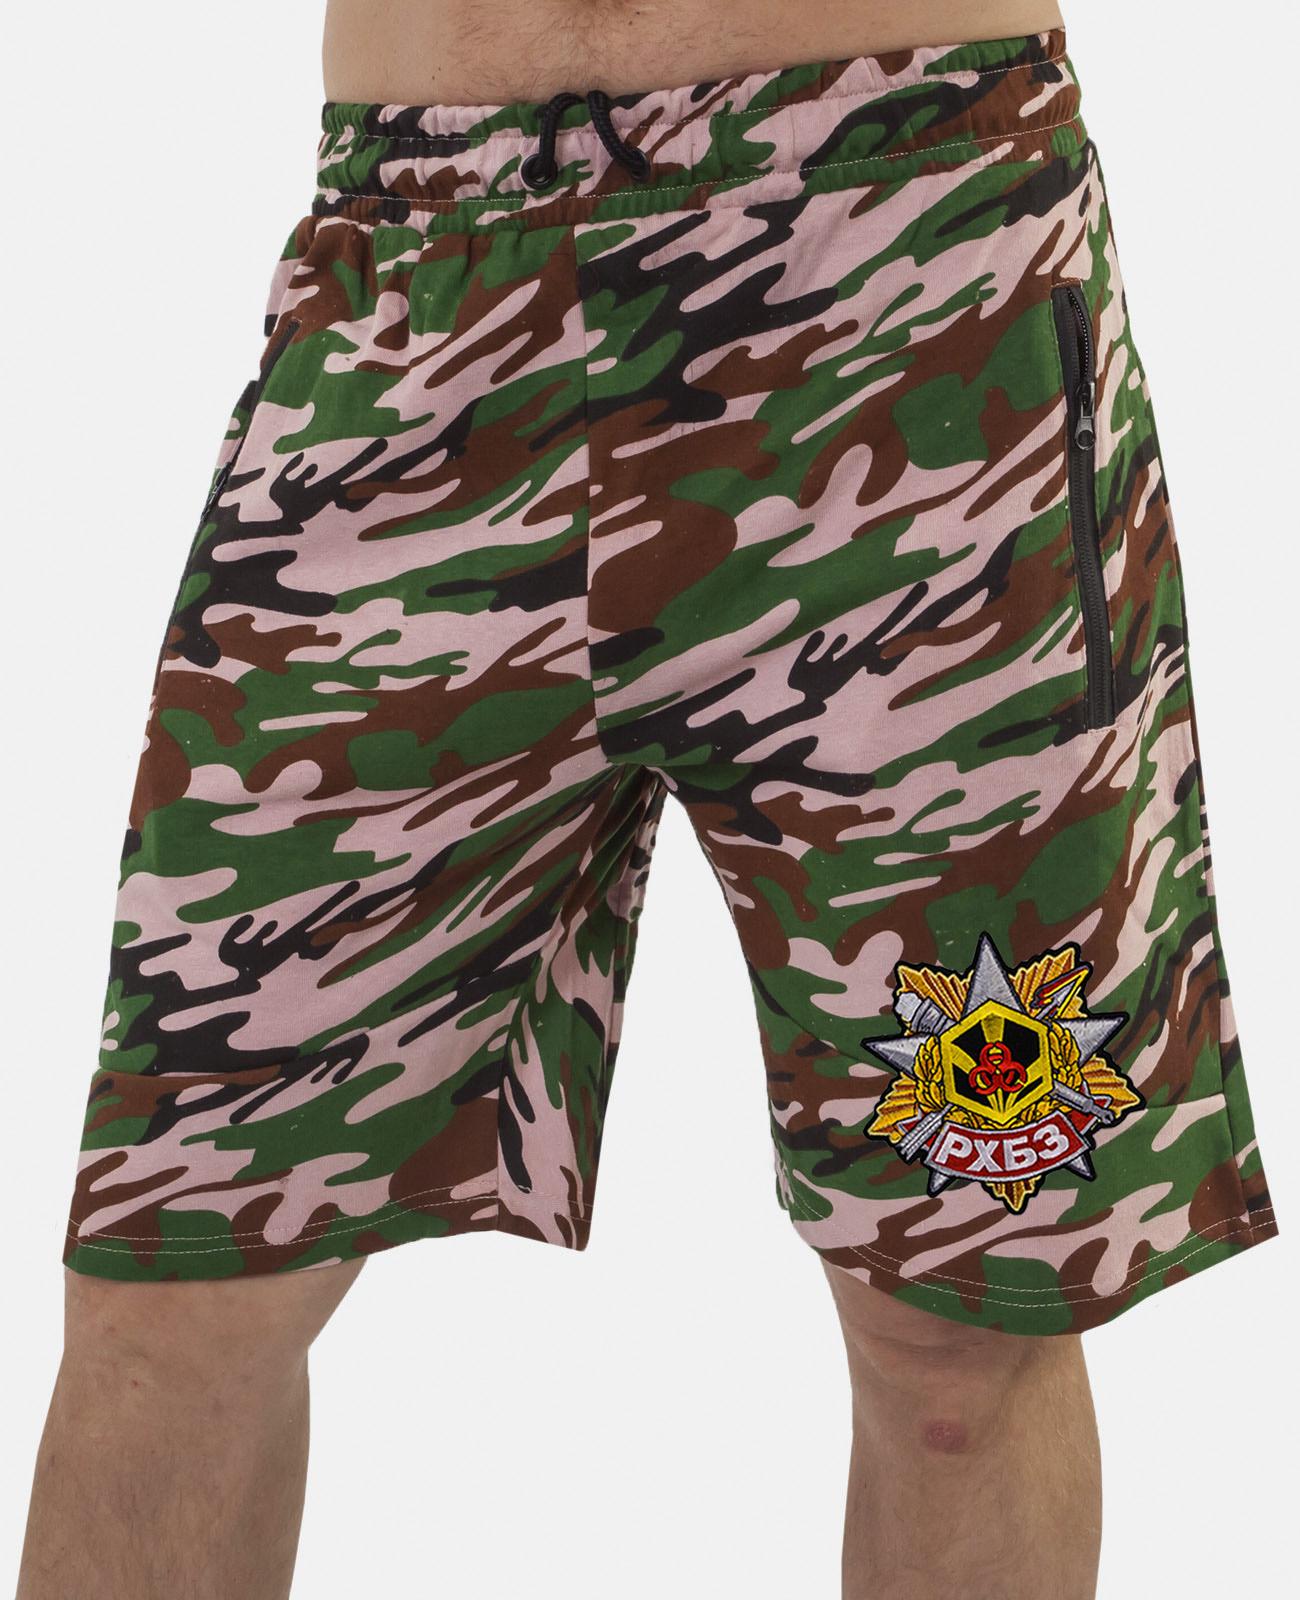 Купить особенные удлиненные шорты с нашивкой РХБЗ с доставкой выгодно